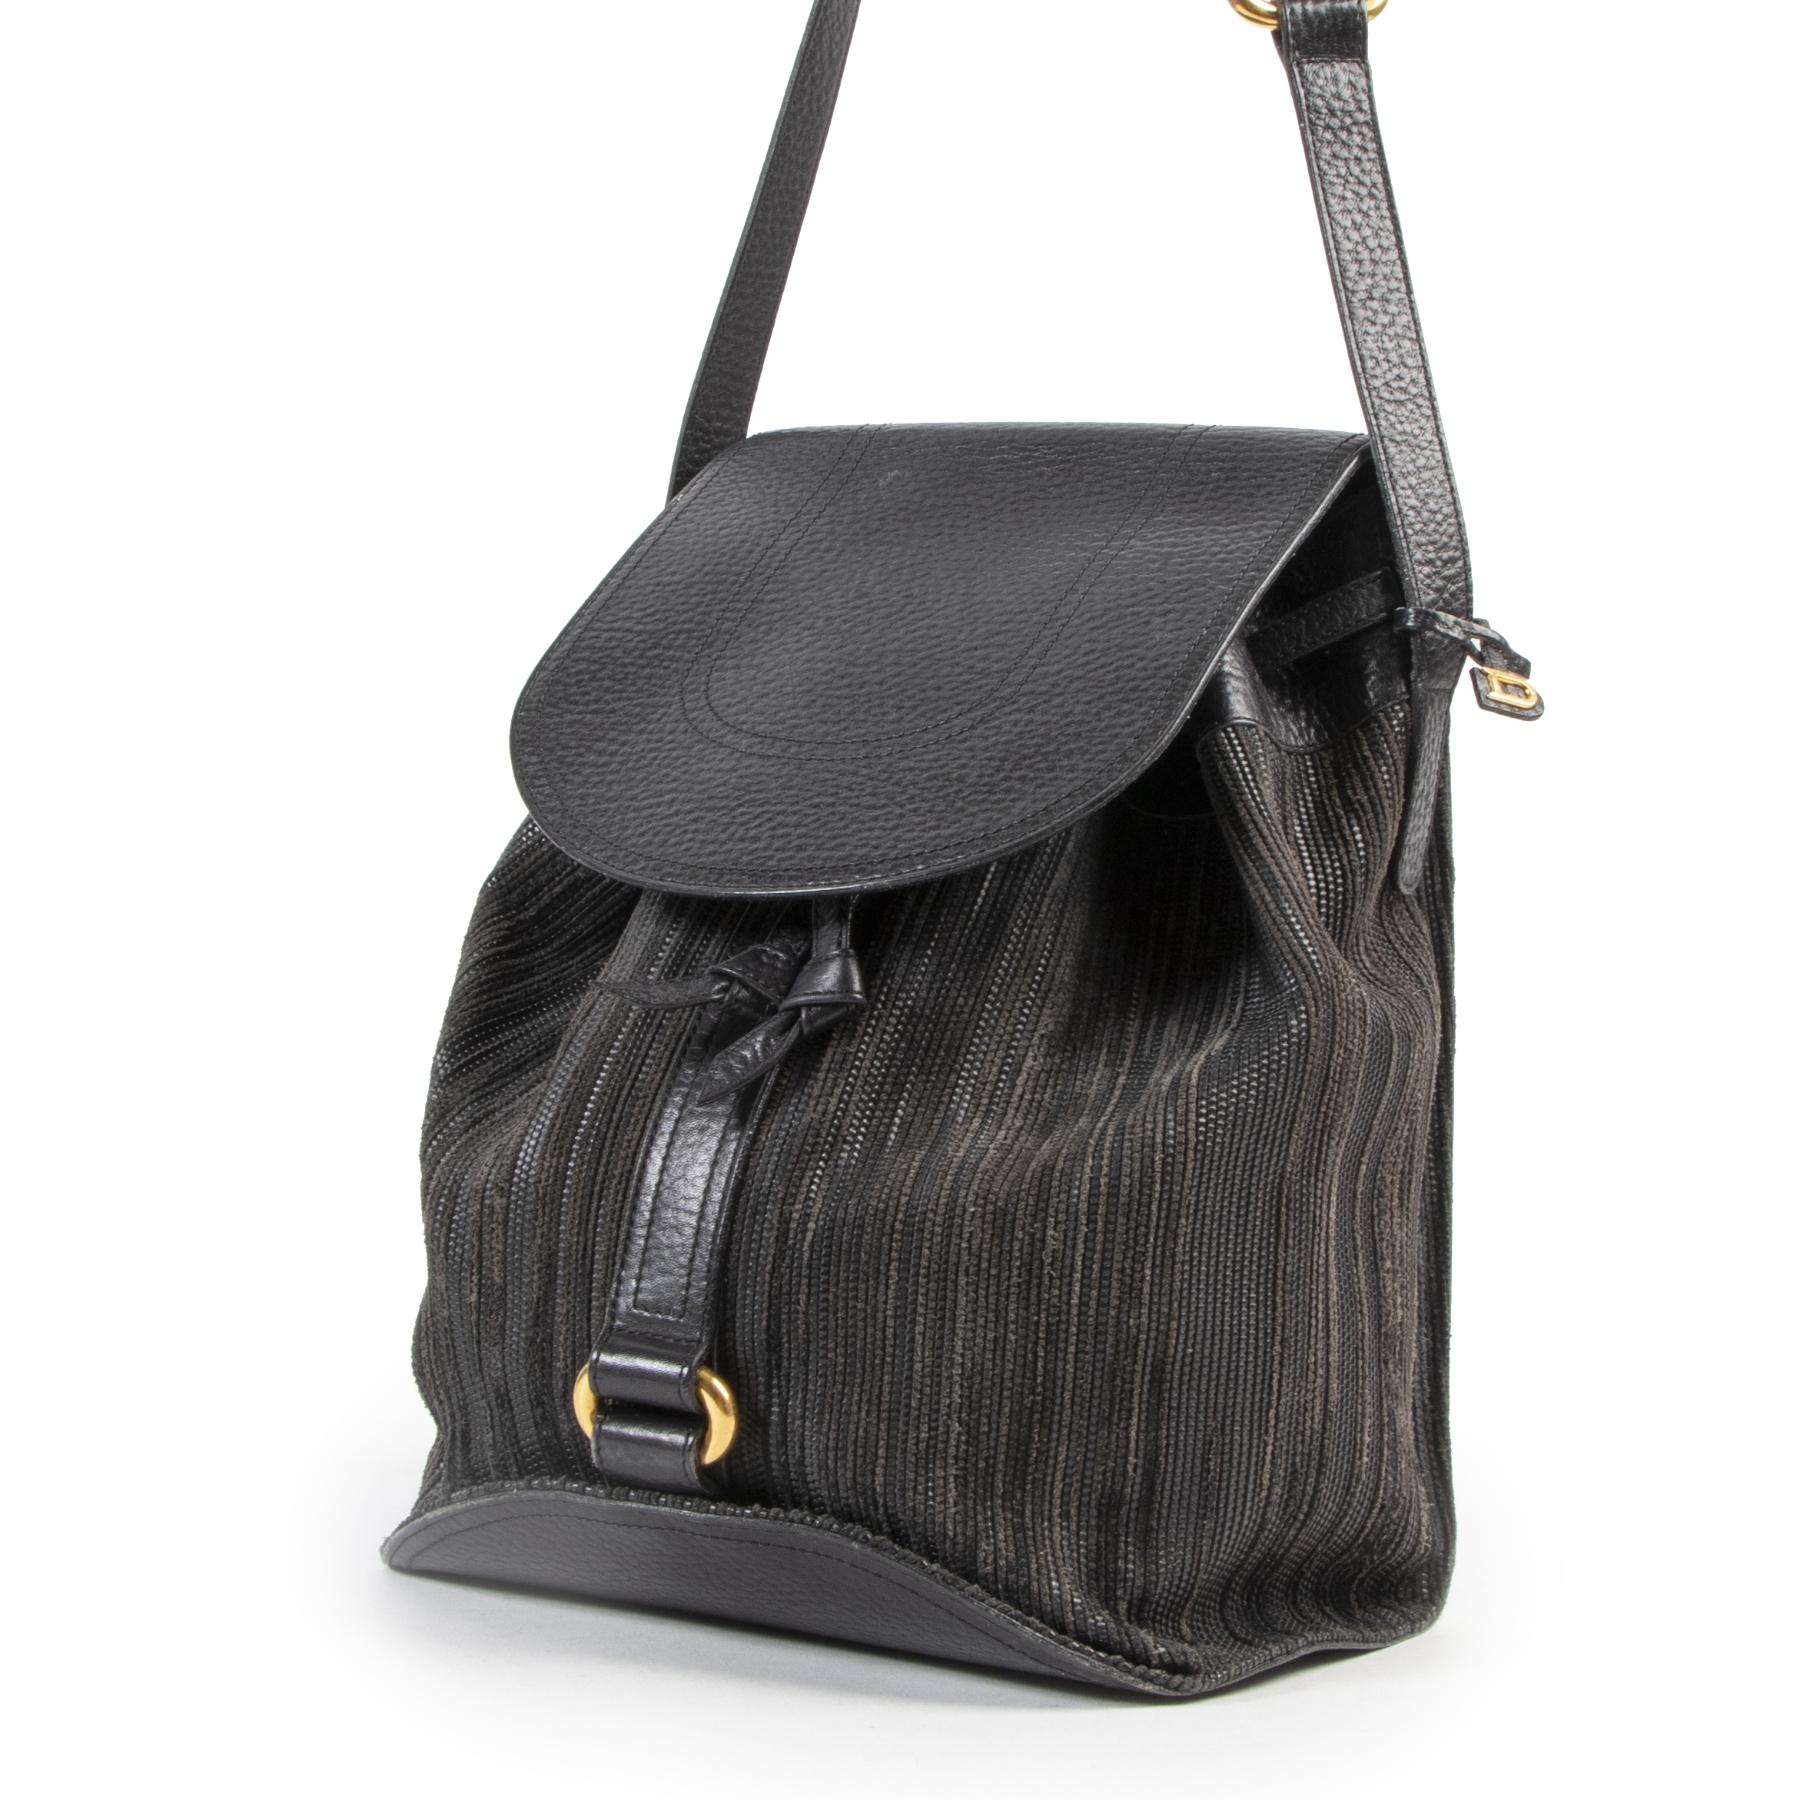 Authentieke Tweedehands Delvaux Black Toile de Cuir Crossbody Bag juiste prijs veilig online shoppen luxe merken webshop winkelen Antwerpen België mode fashion